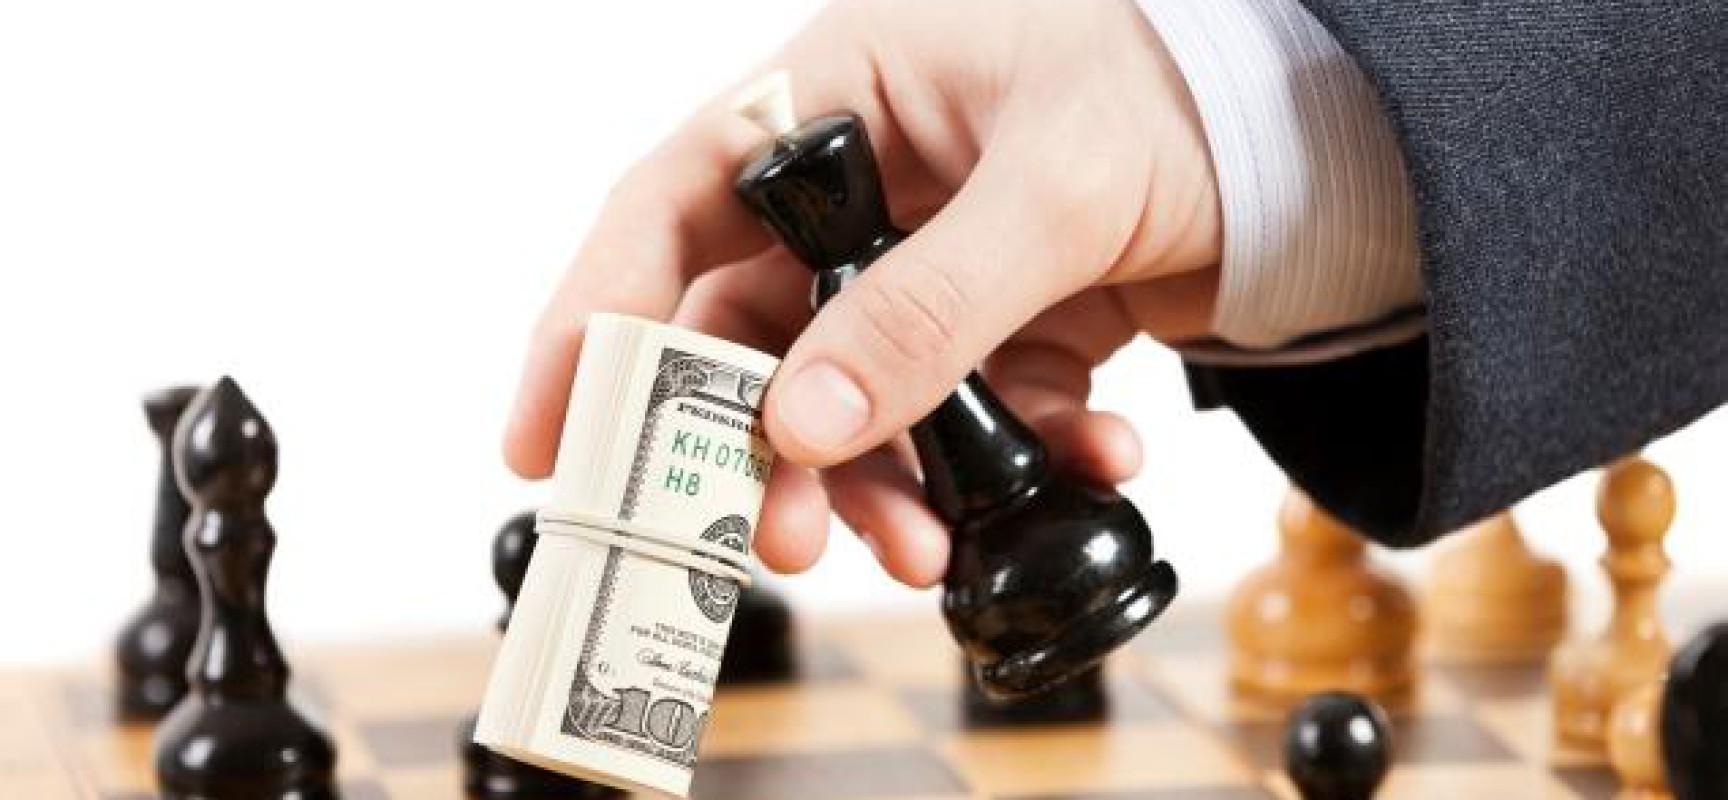 Financer les oppositions démocratiques, c'est quoi le problème ?